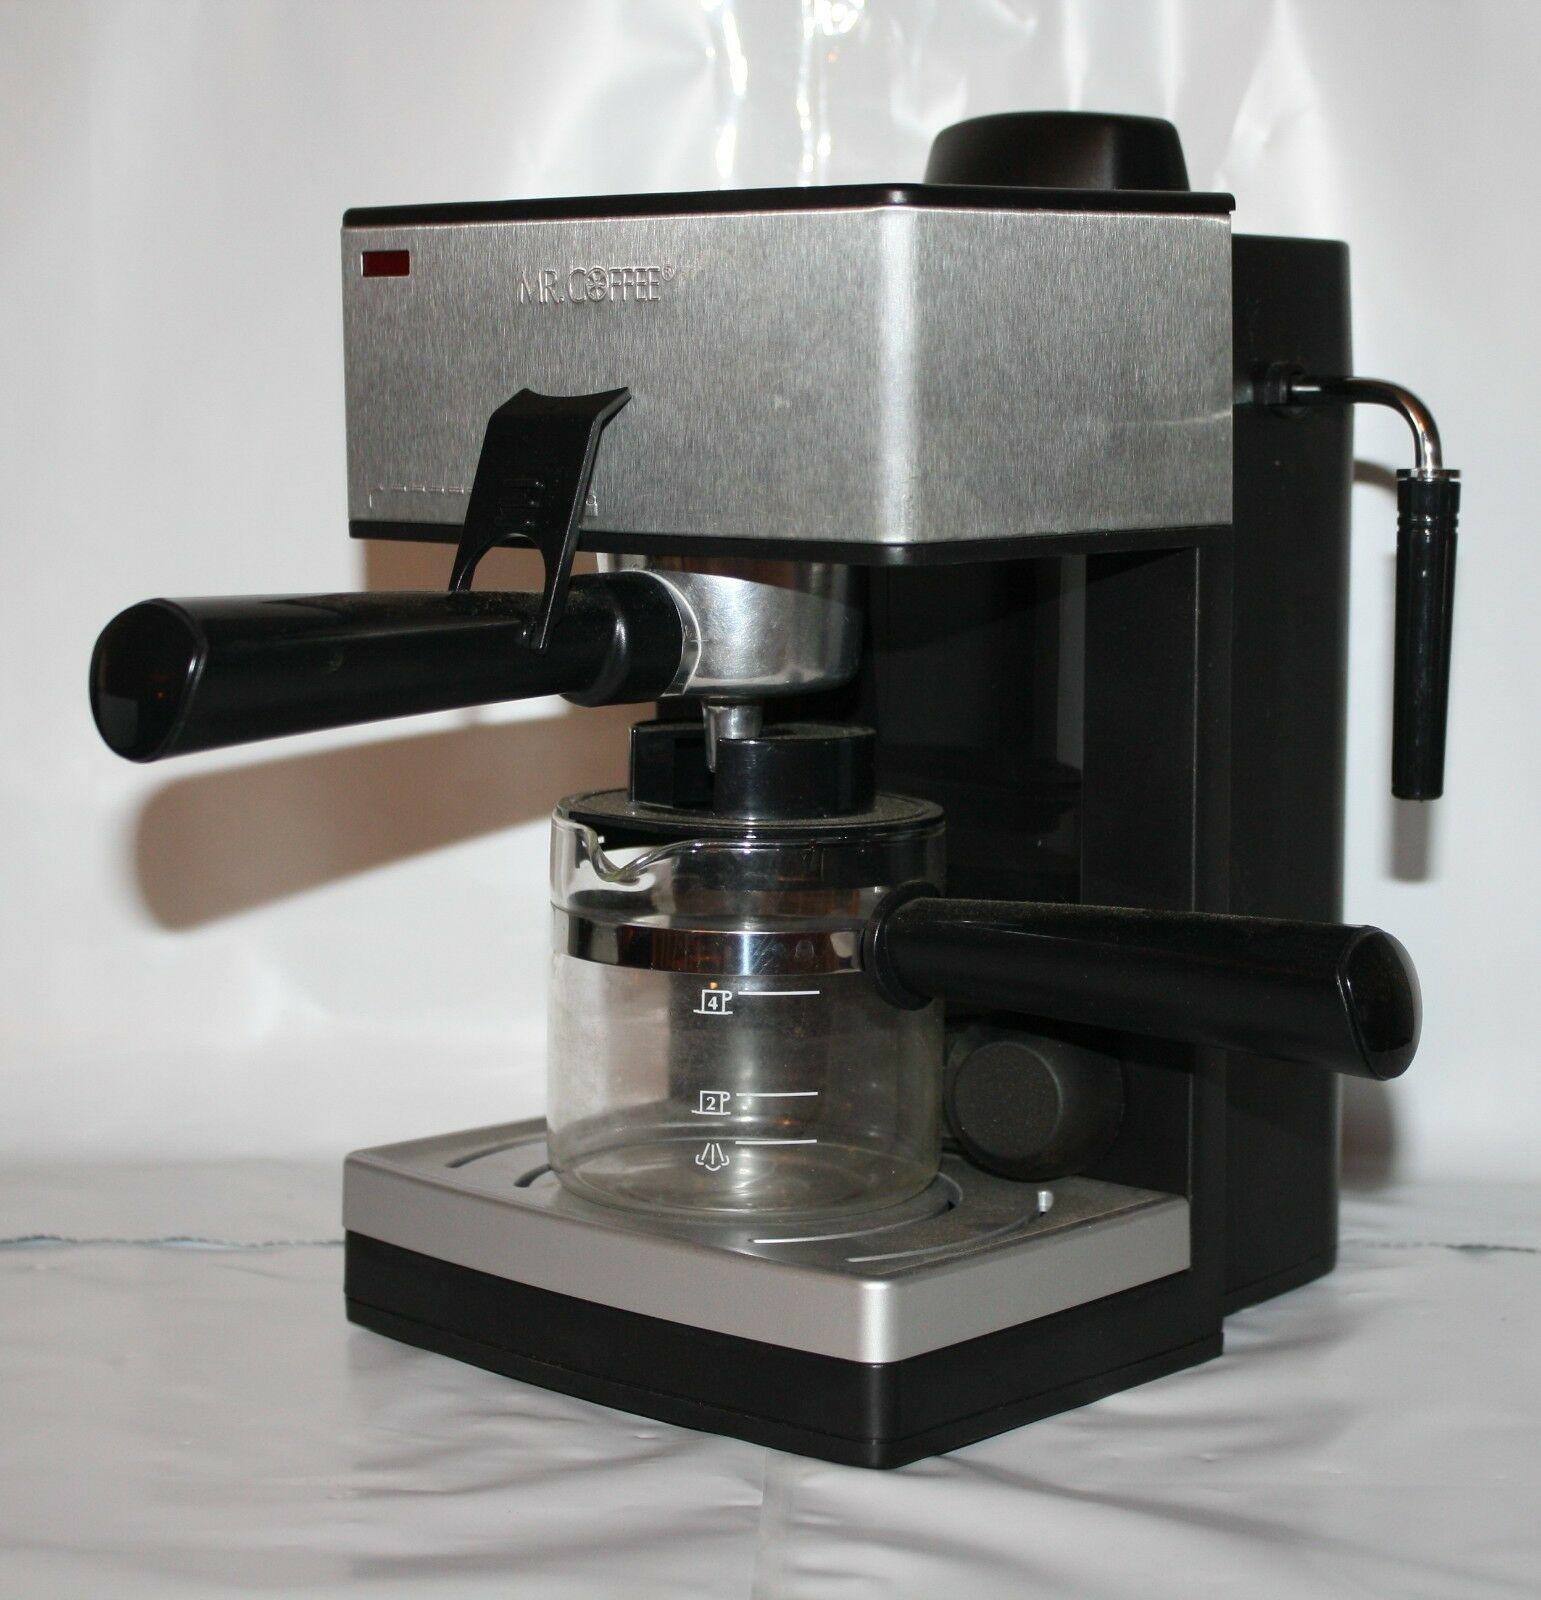 Details about Mr Coffee Steam Espresso Machine 4 Cup